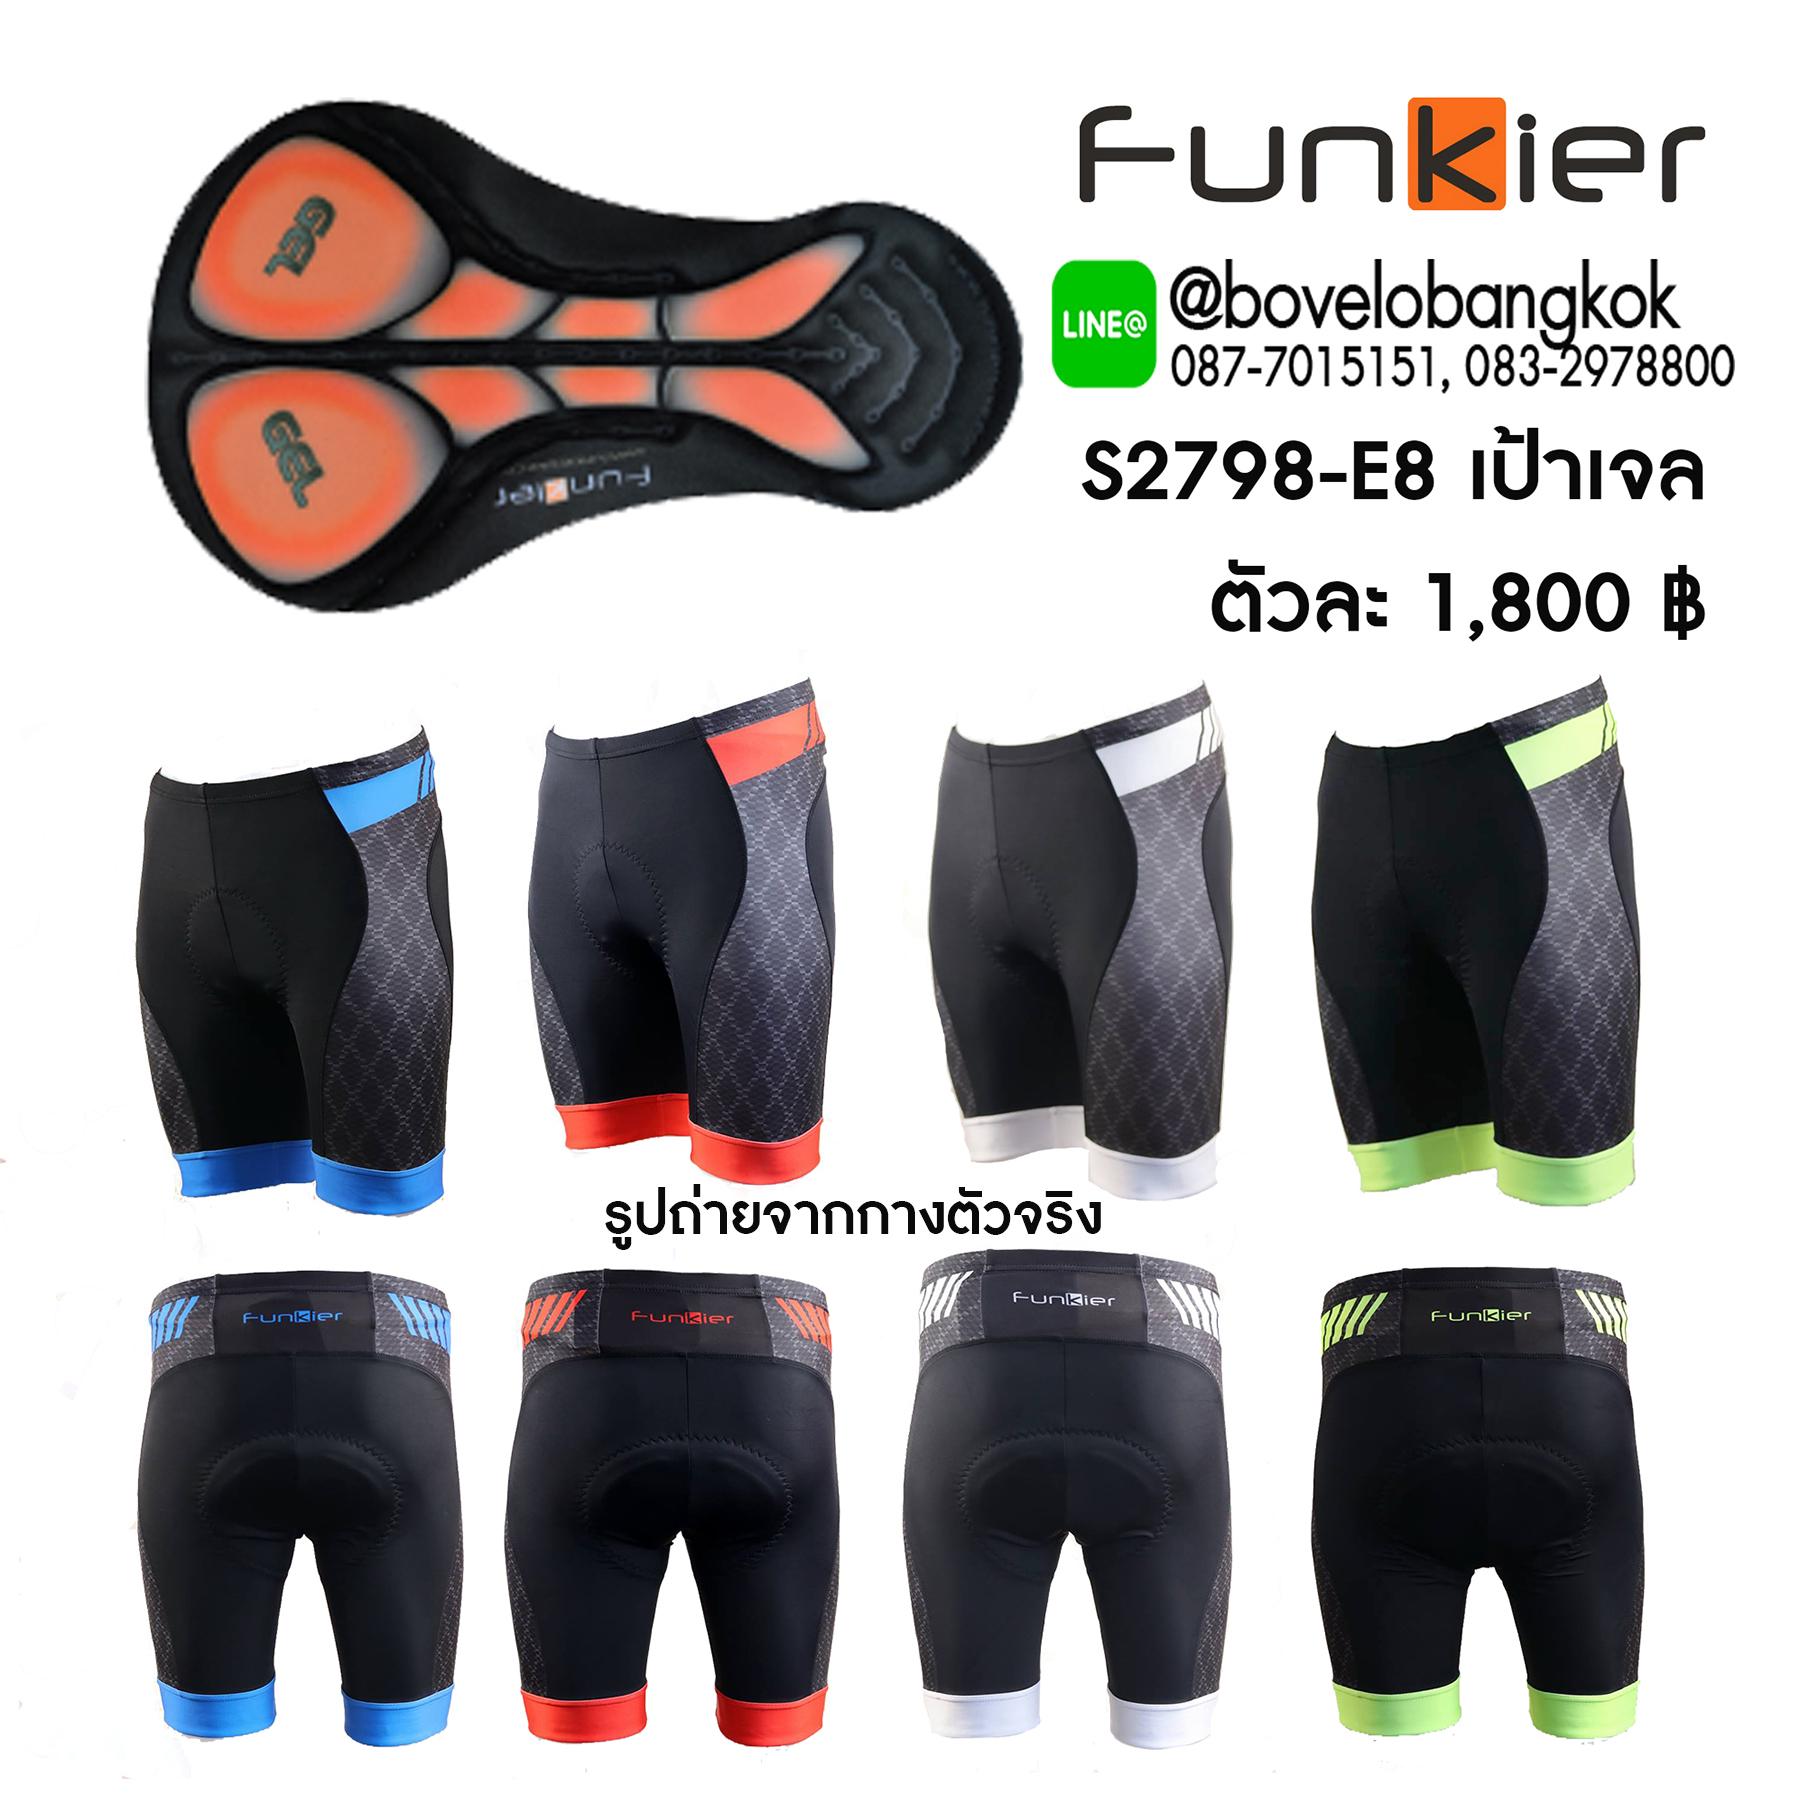 กางเกงปั่นจักรยาน FUNKIER เสื้อปั่นจักรยาน ถุงมือ ถุงแขน ถุงเท้า ฟัง ... 2034f7804